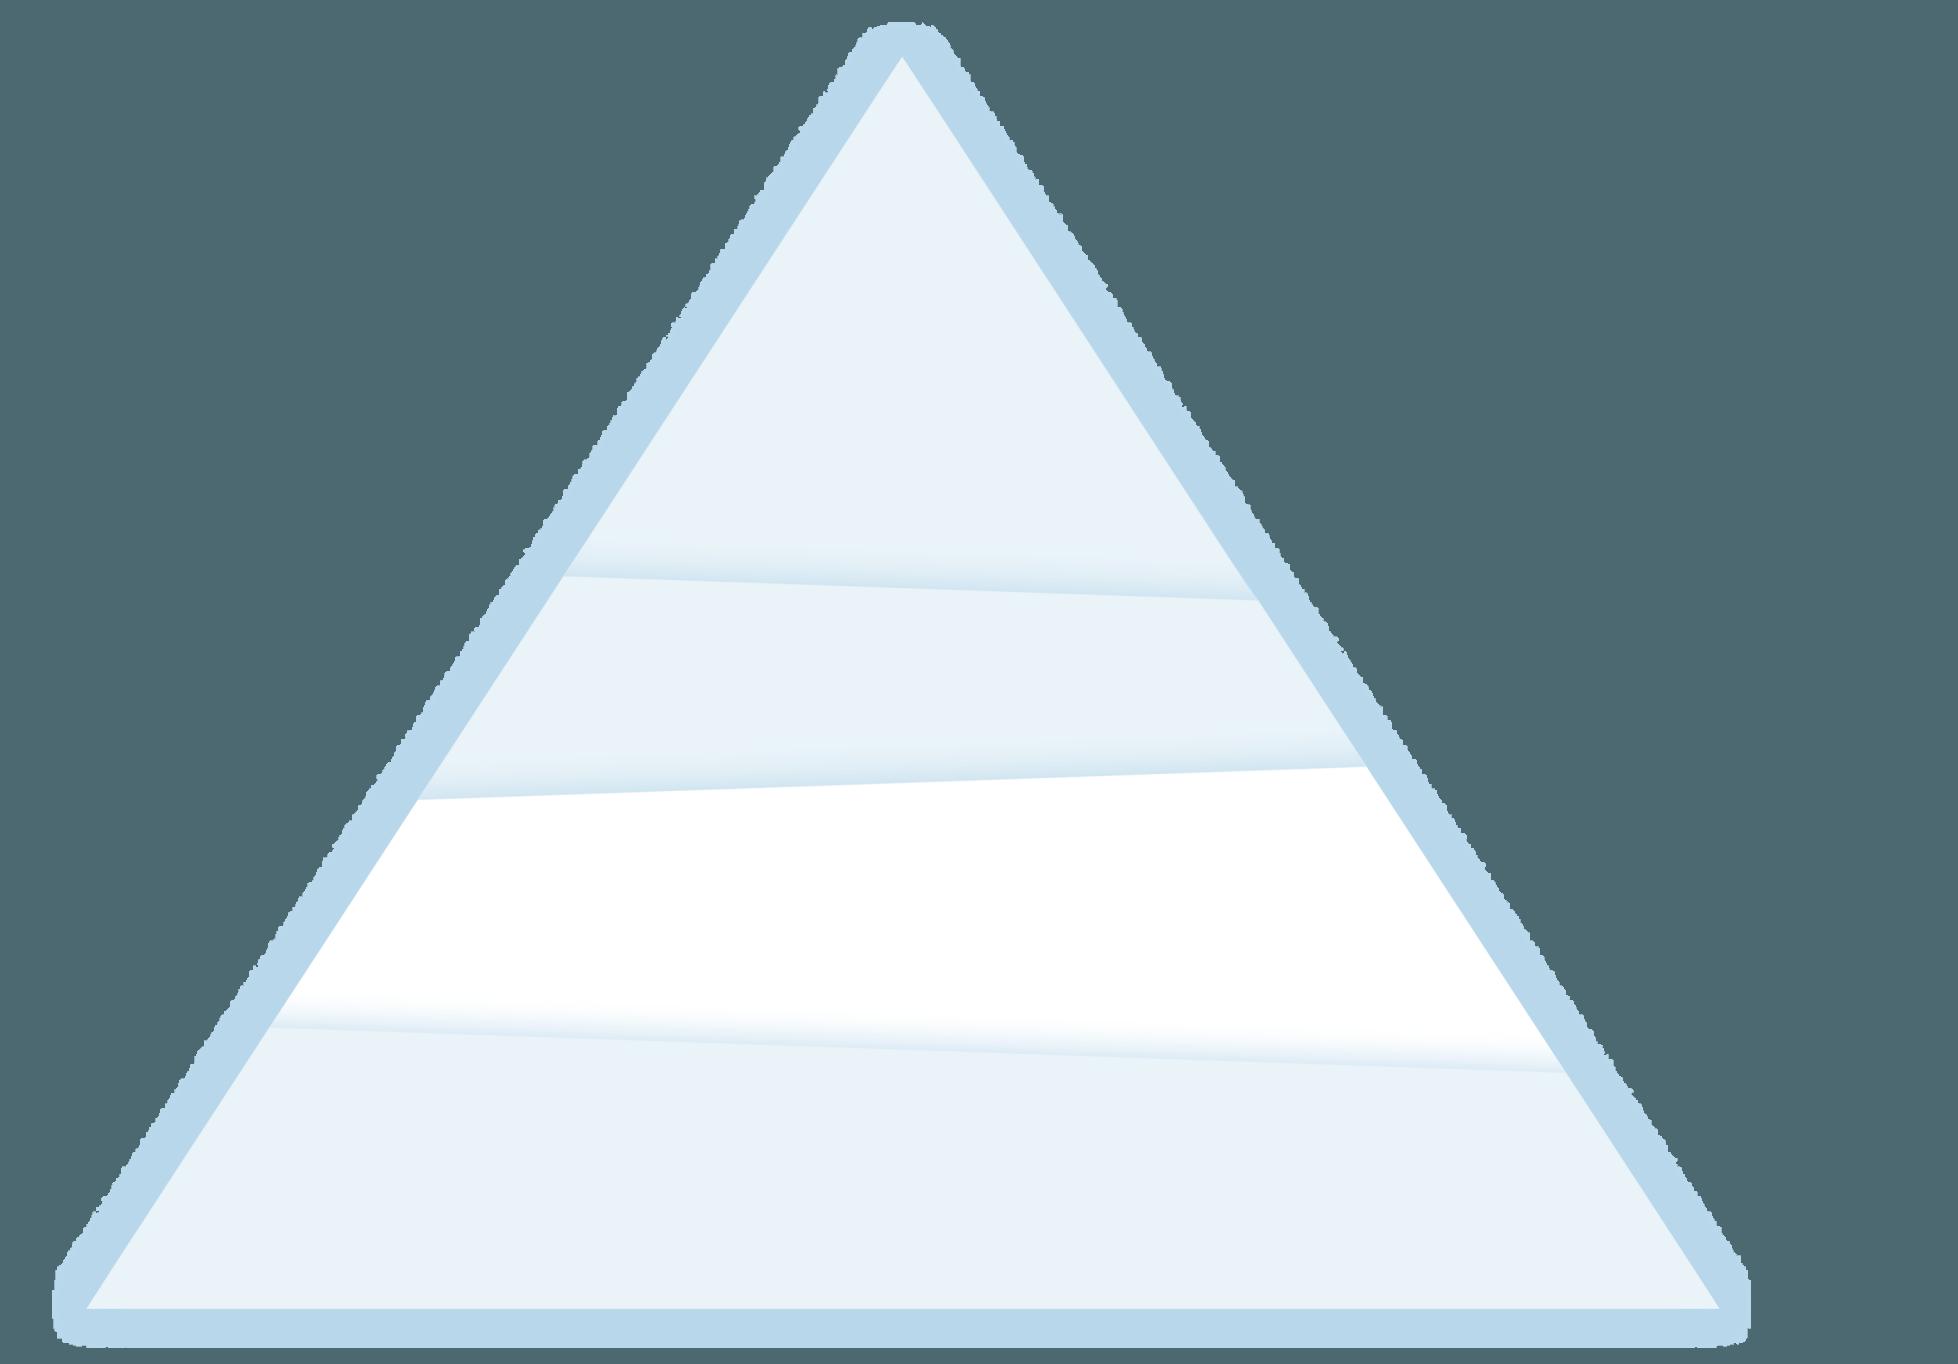 Pyramid-4